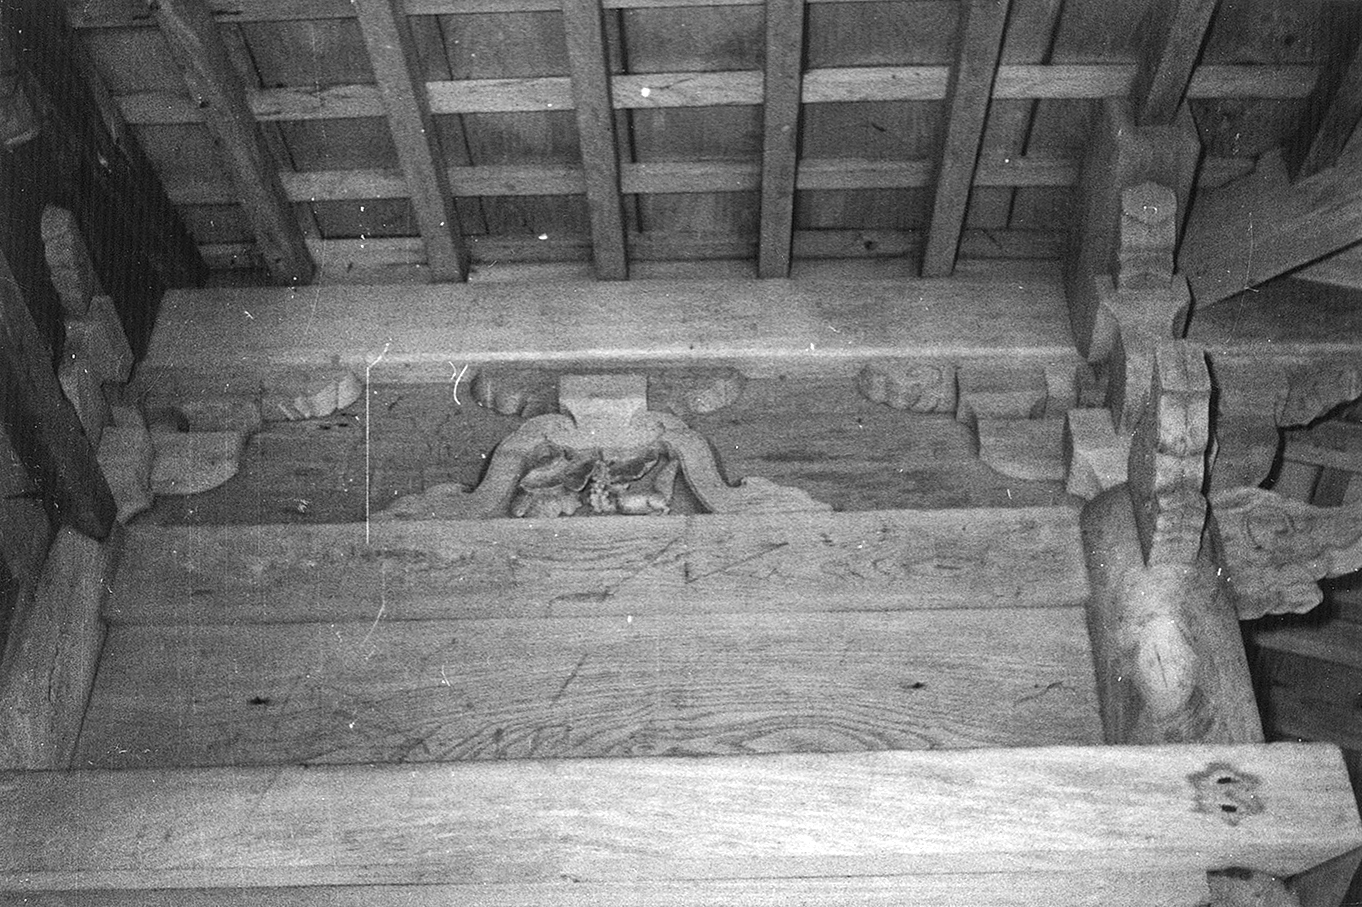 鳥越八幡神社の彫刻